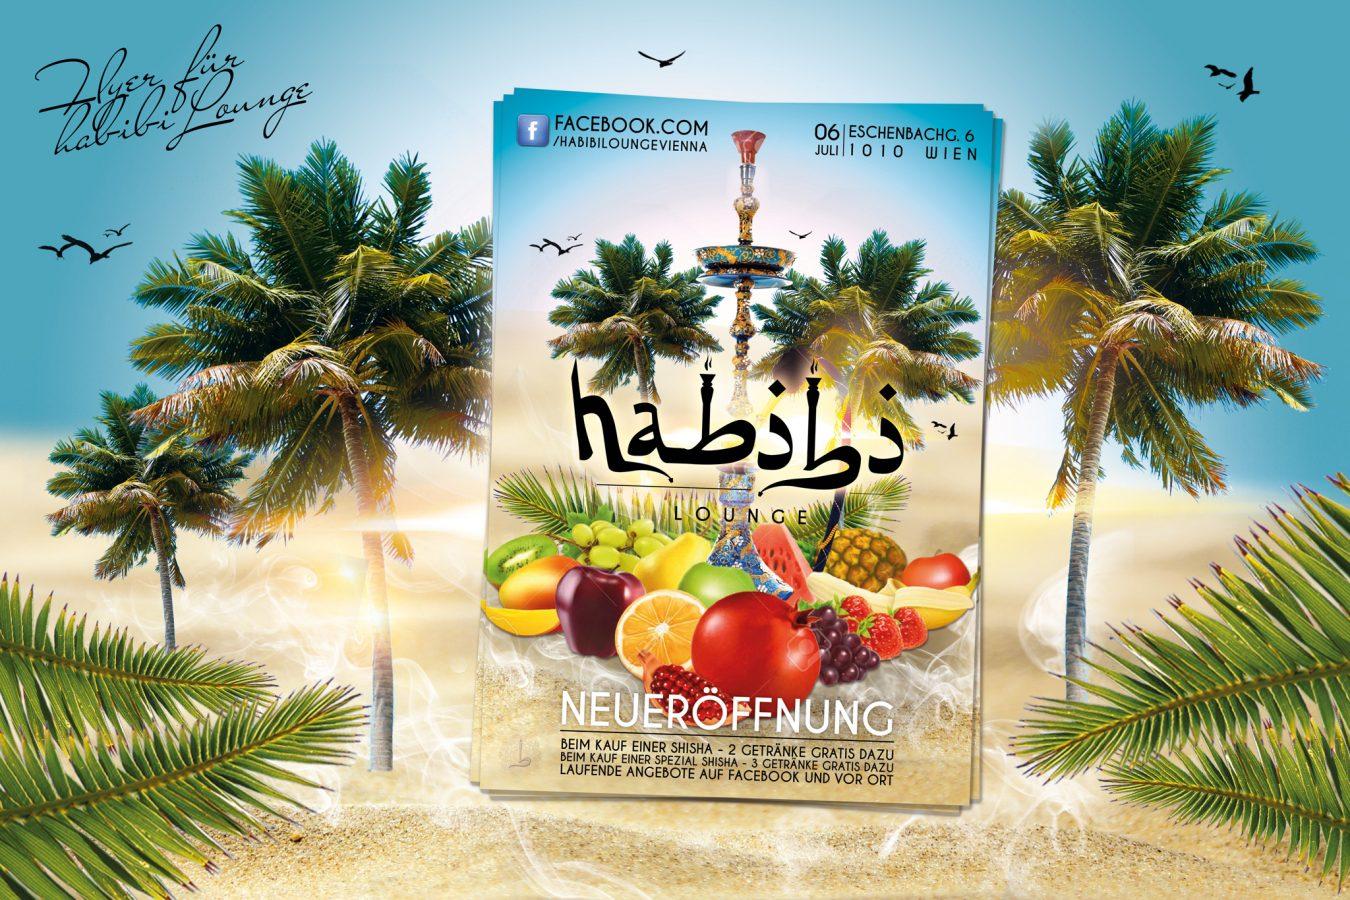 Habibi Lounge